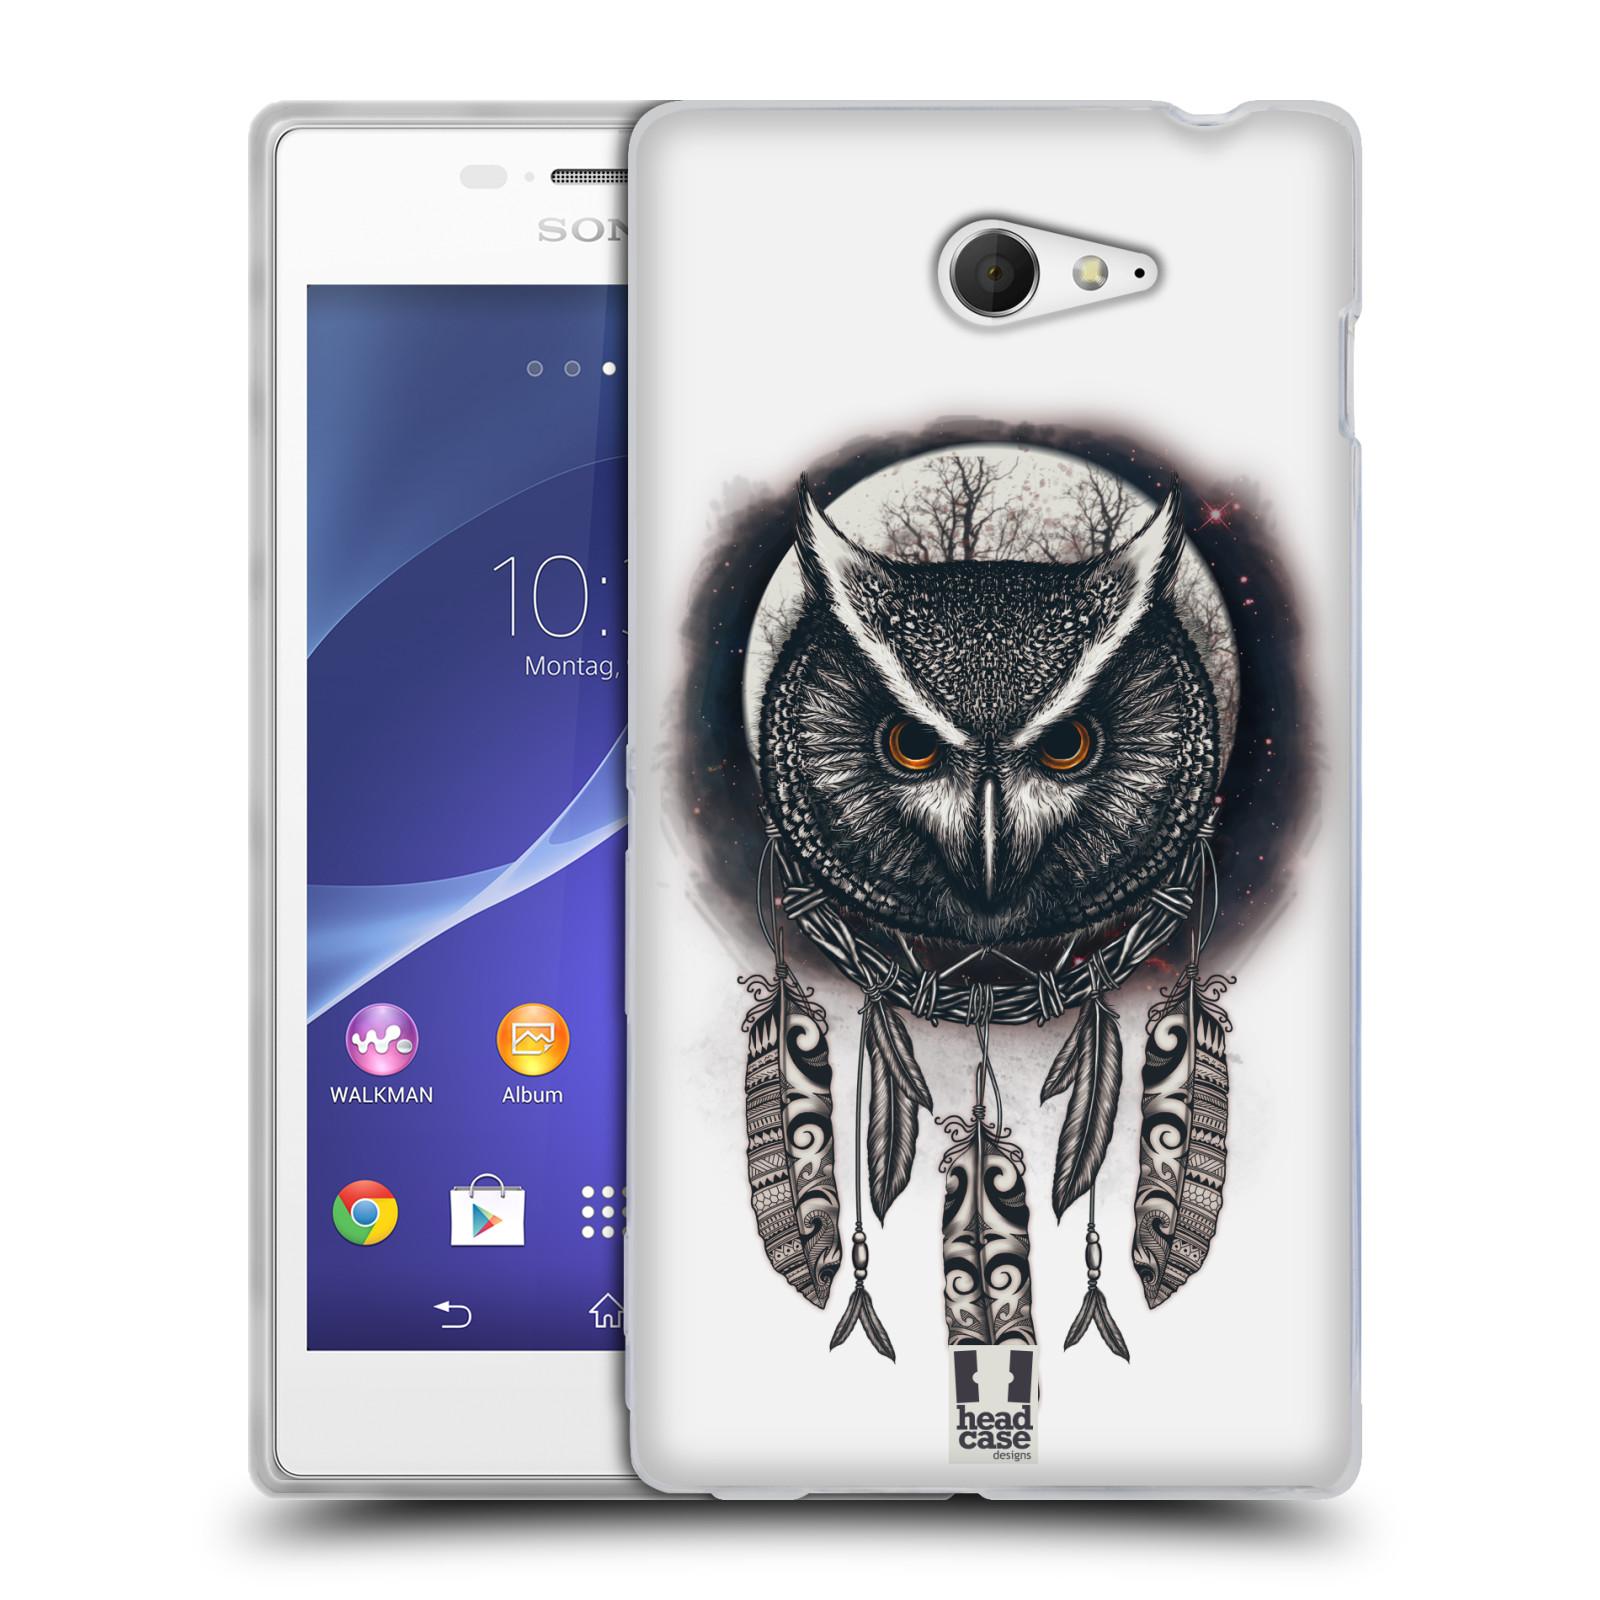 Silikonové pouzdro na mobil Sony Xperia M2 D2303 - Head Case - Soví lapač